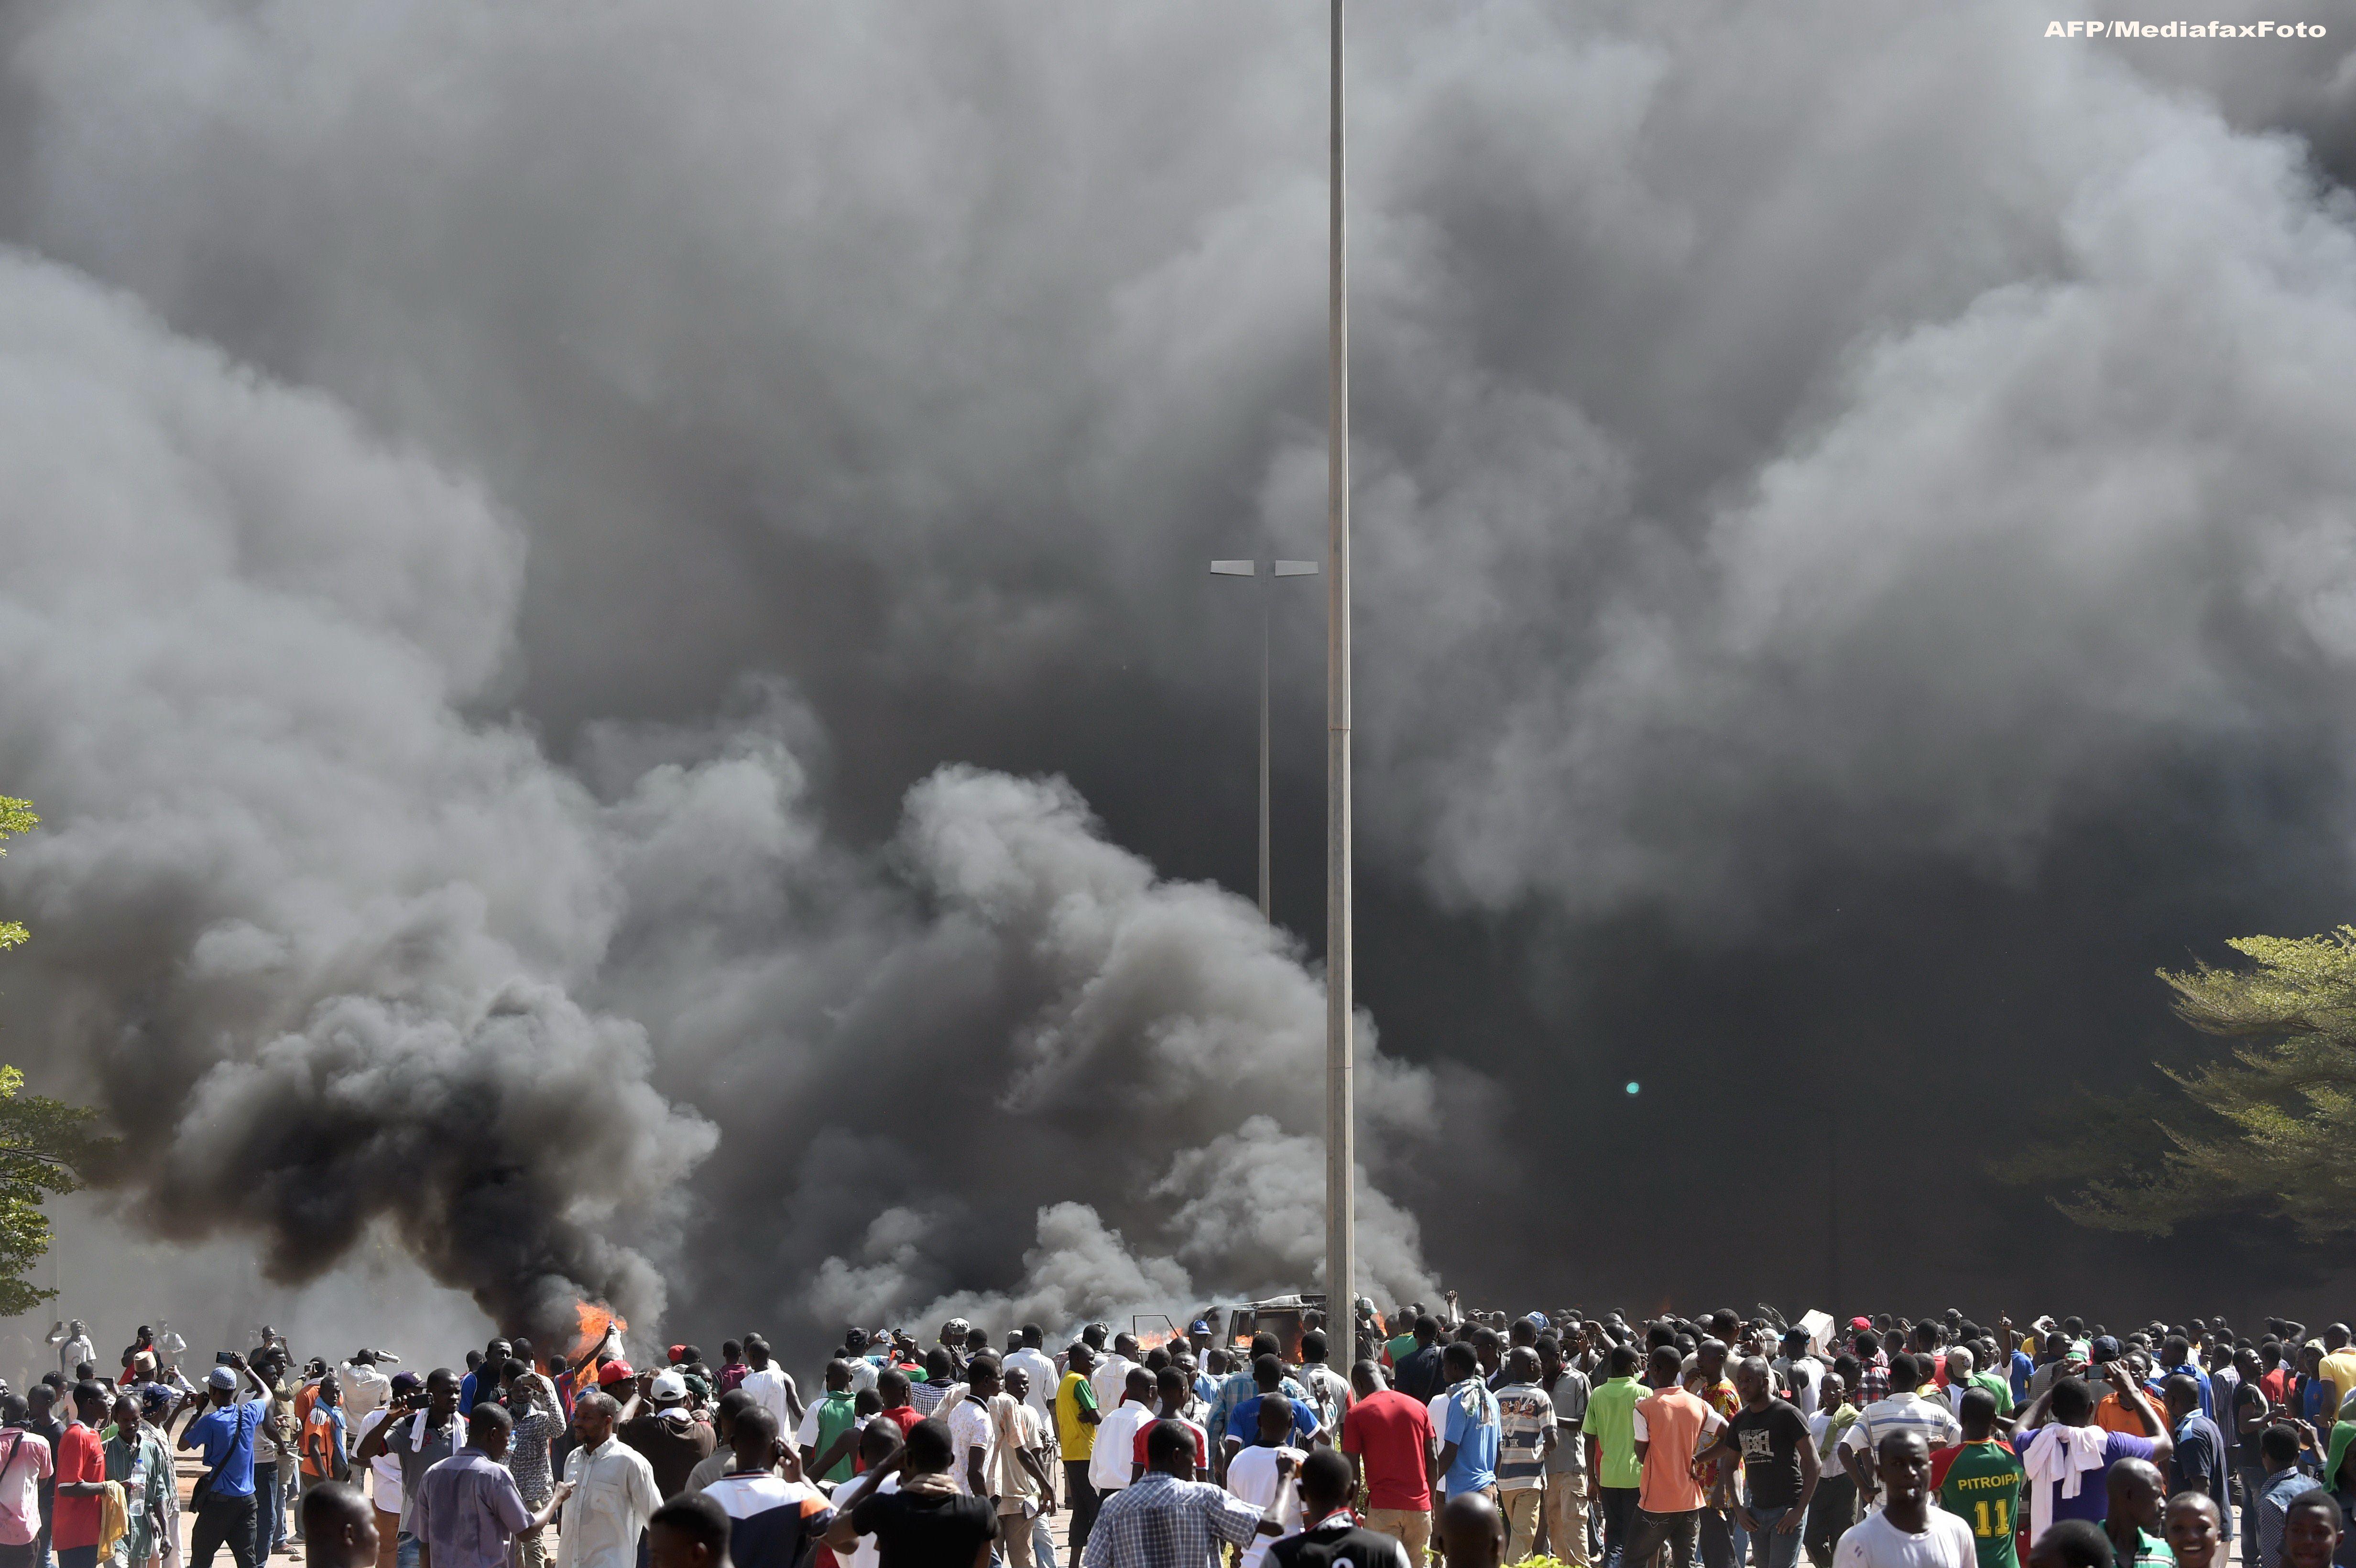 Protestele din Burkina Faso, in IMAGINI. Populatia furioasa a incendiat sediile Parlamentului si Guvernului